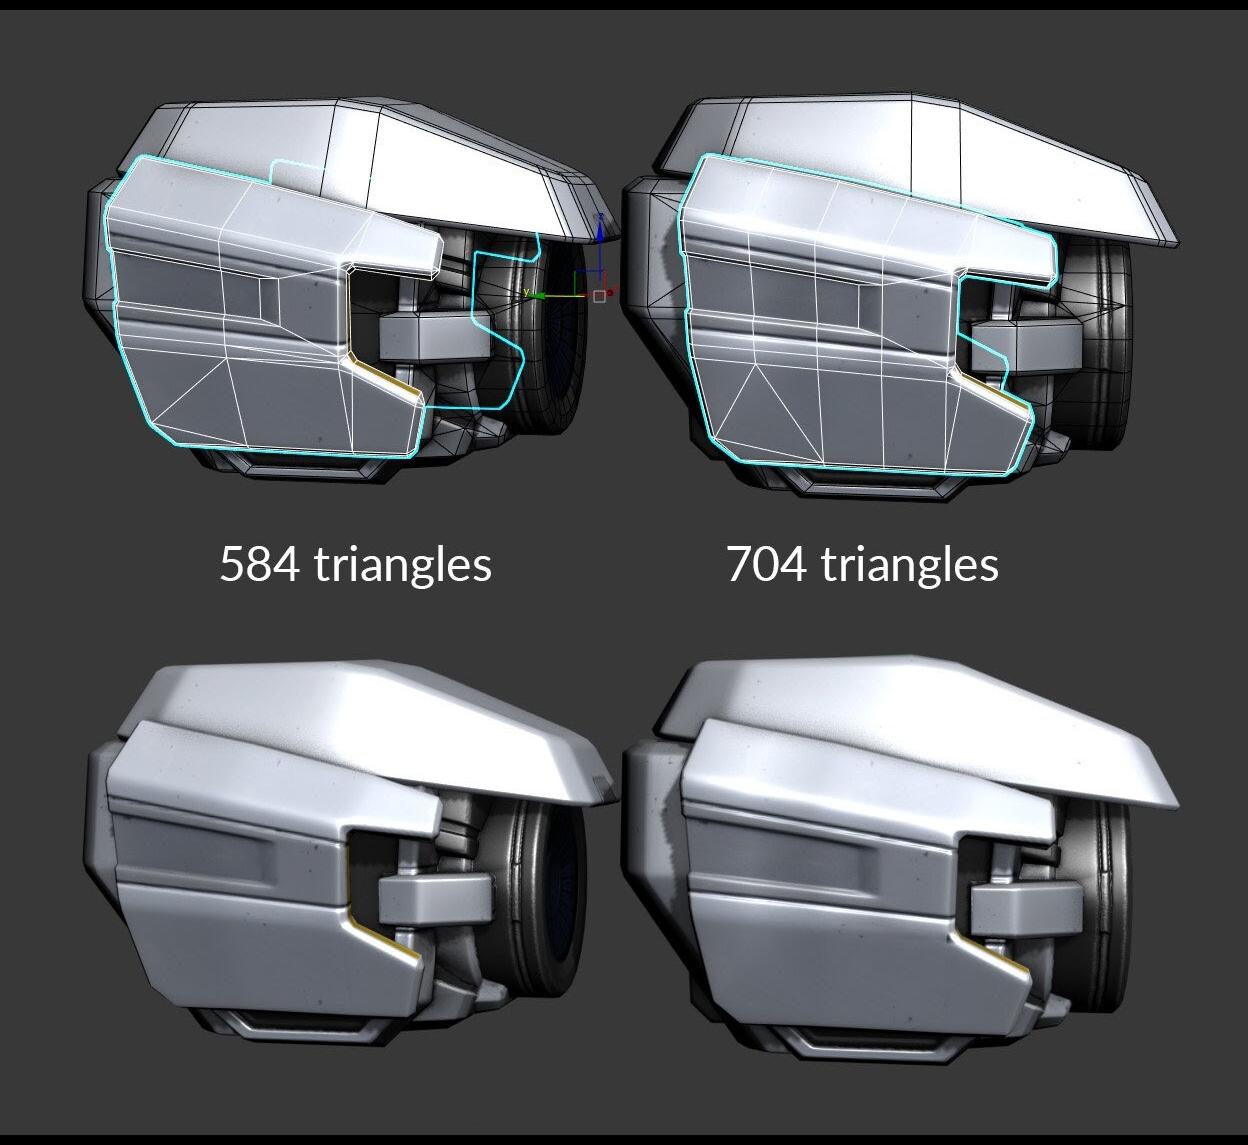 O objeto à esquerda tem 584 triângulos, enquanto o objeto à direita tem 704.